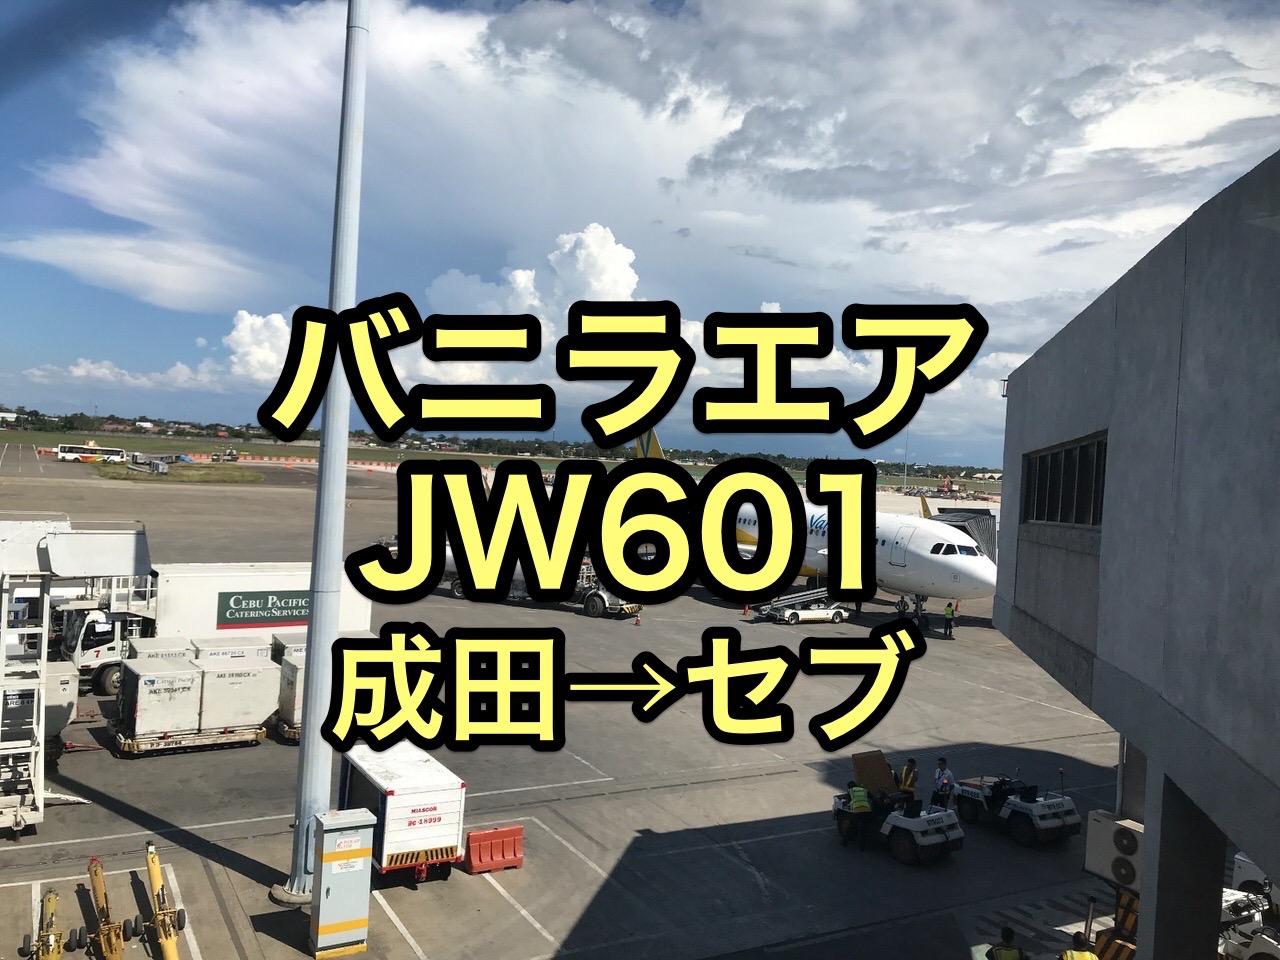 JW601 バニラエア